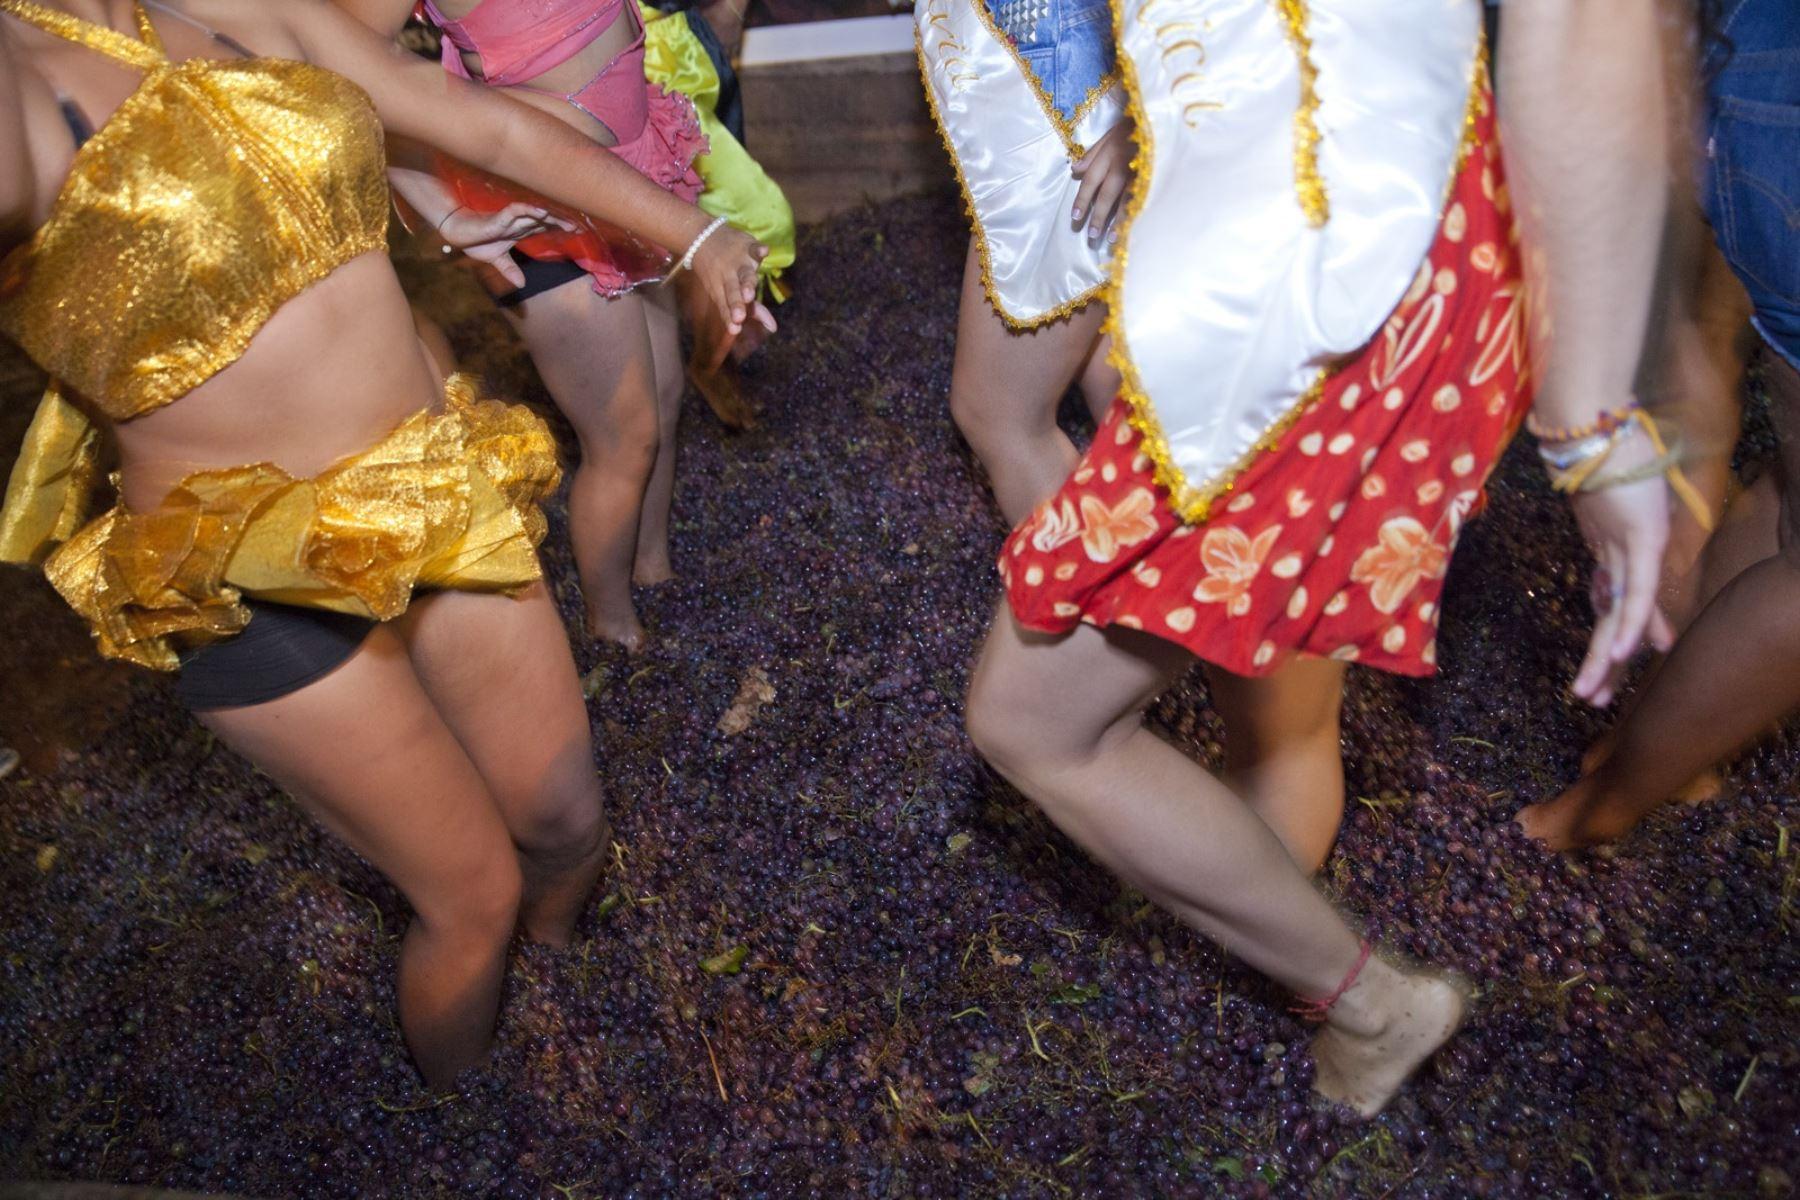 Con la tradicional pisa de uvas las bodegas vitivinícolas de Ica celebran esta semana la Fiesta de la Vendimia, una de las festividades más importantes del calendario festivo iqueño y que congrega a cientos de turistas. Foto: Promperú/Adrián Portugal